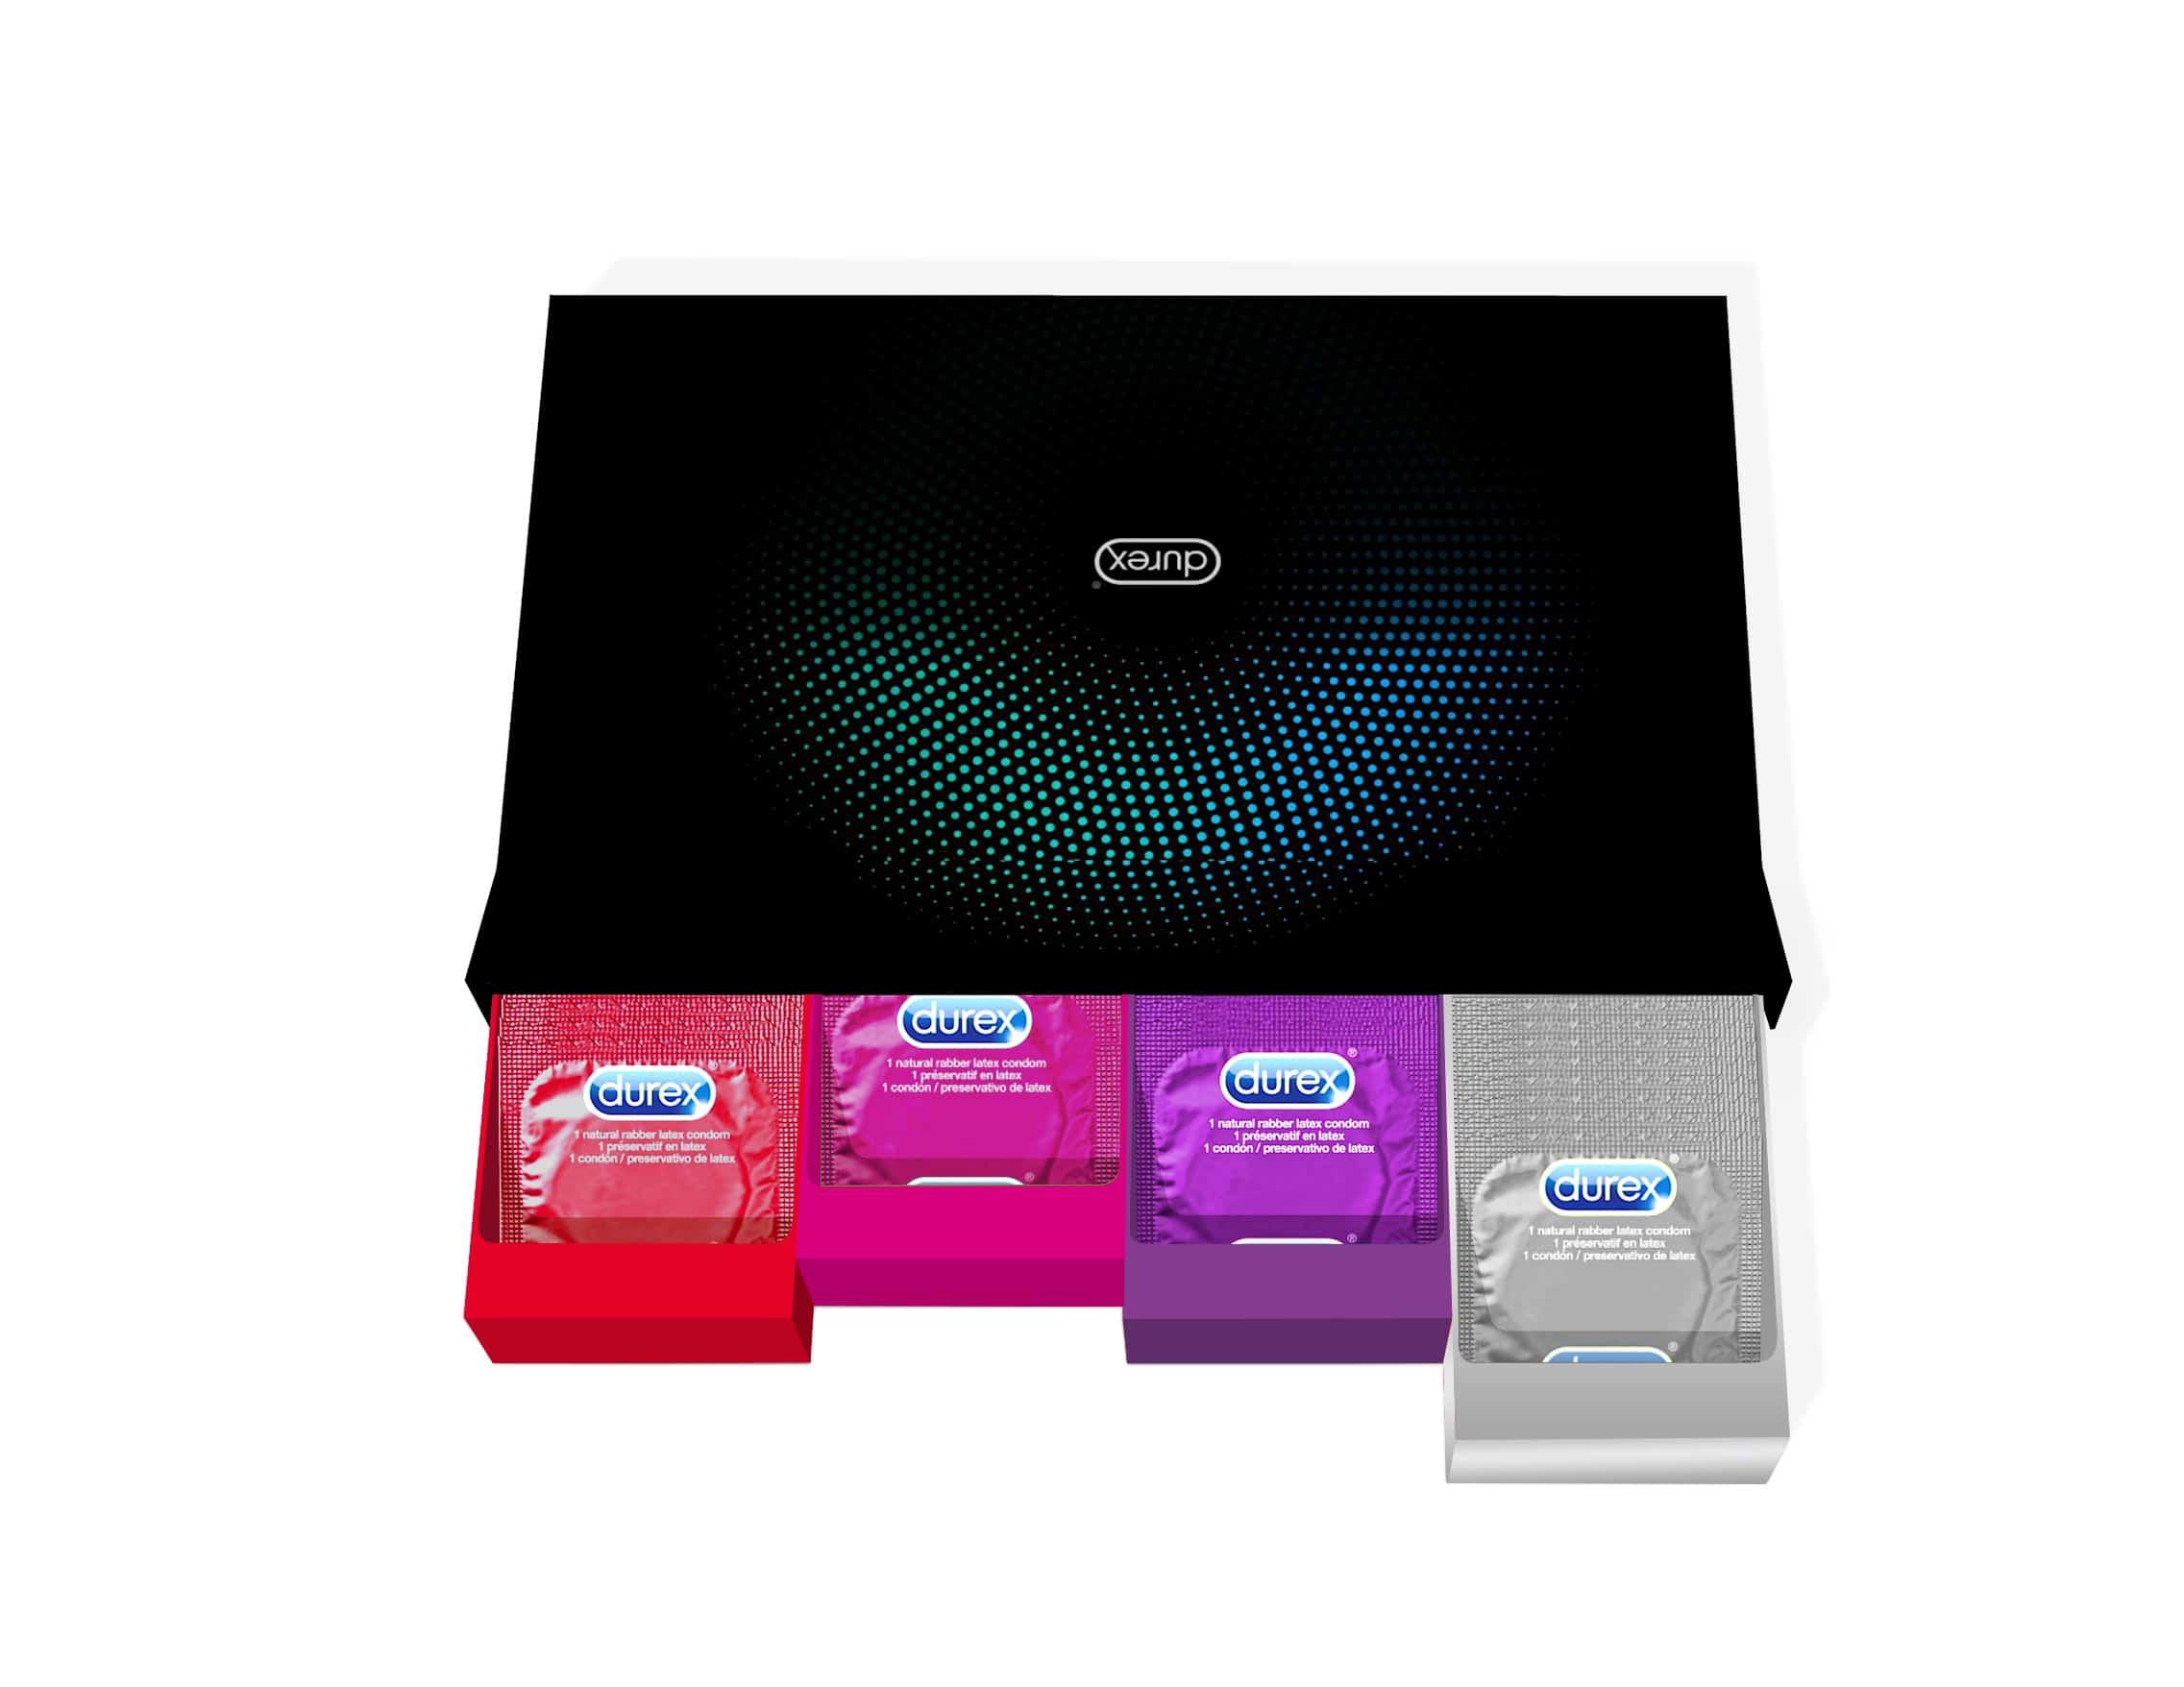 Durex: lancio del nuovo condom box in limited edition per l'e-commerce e nuova campagna